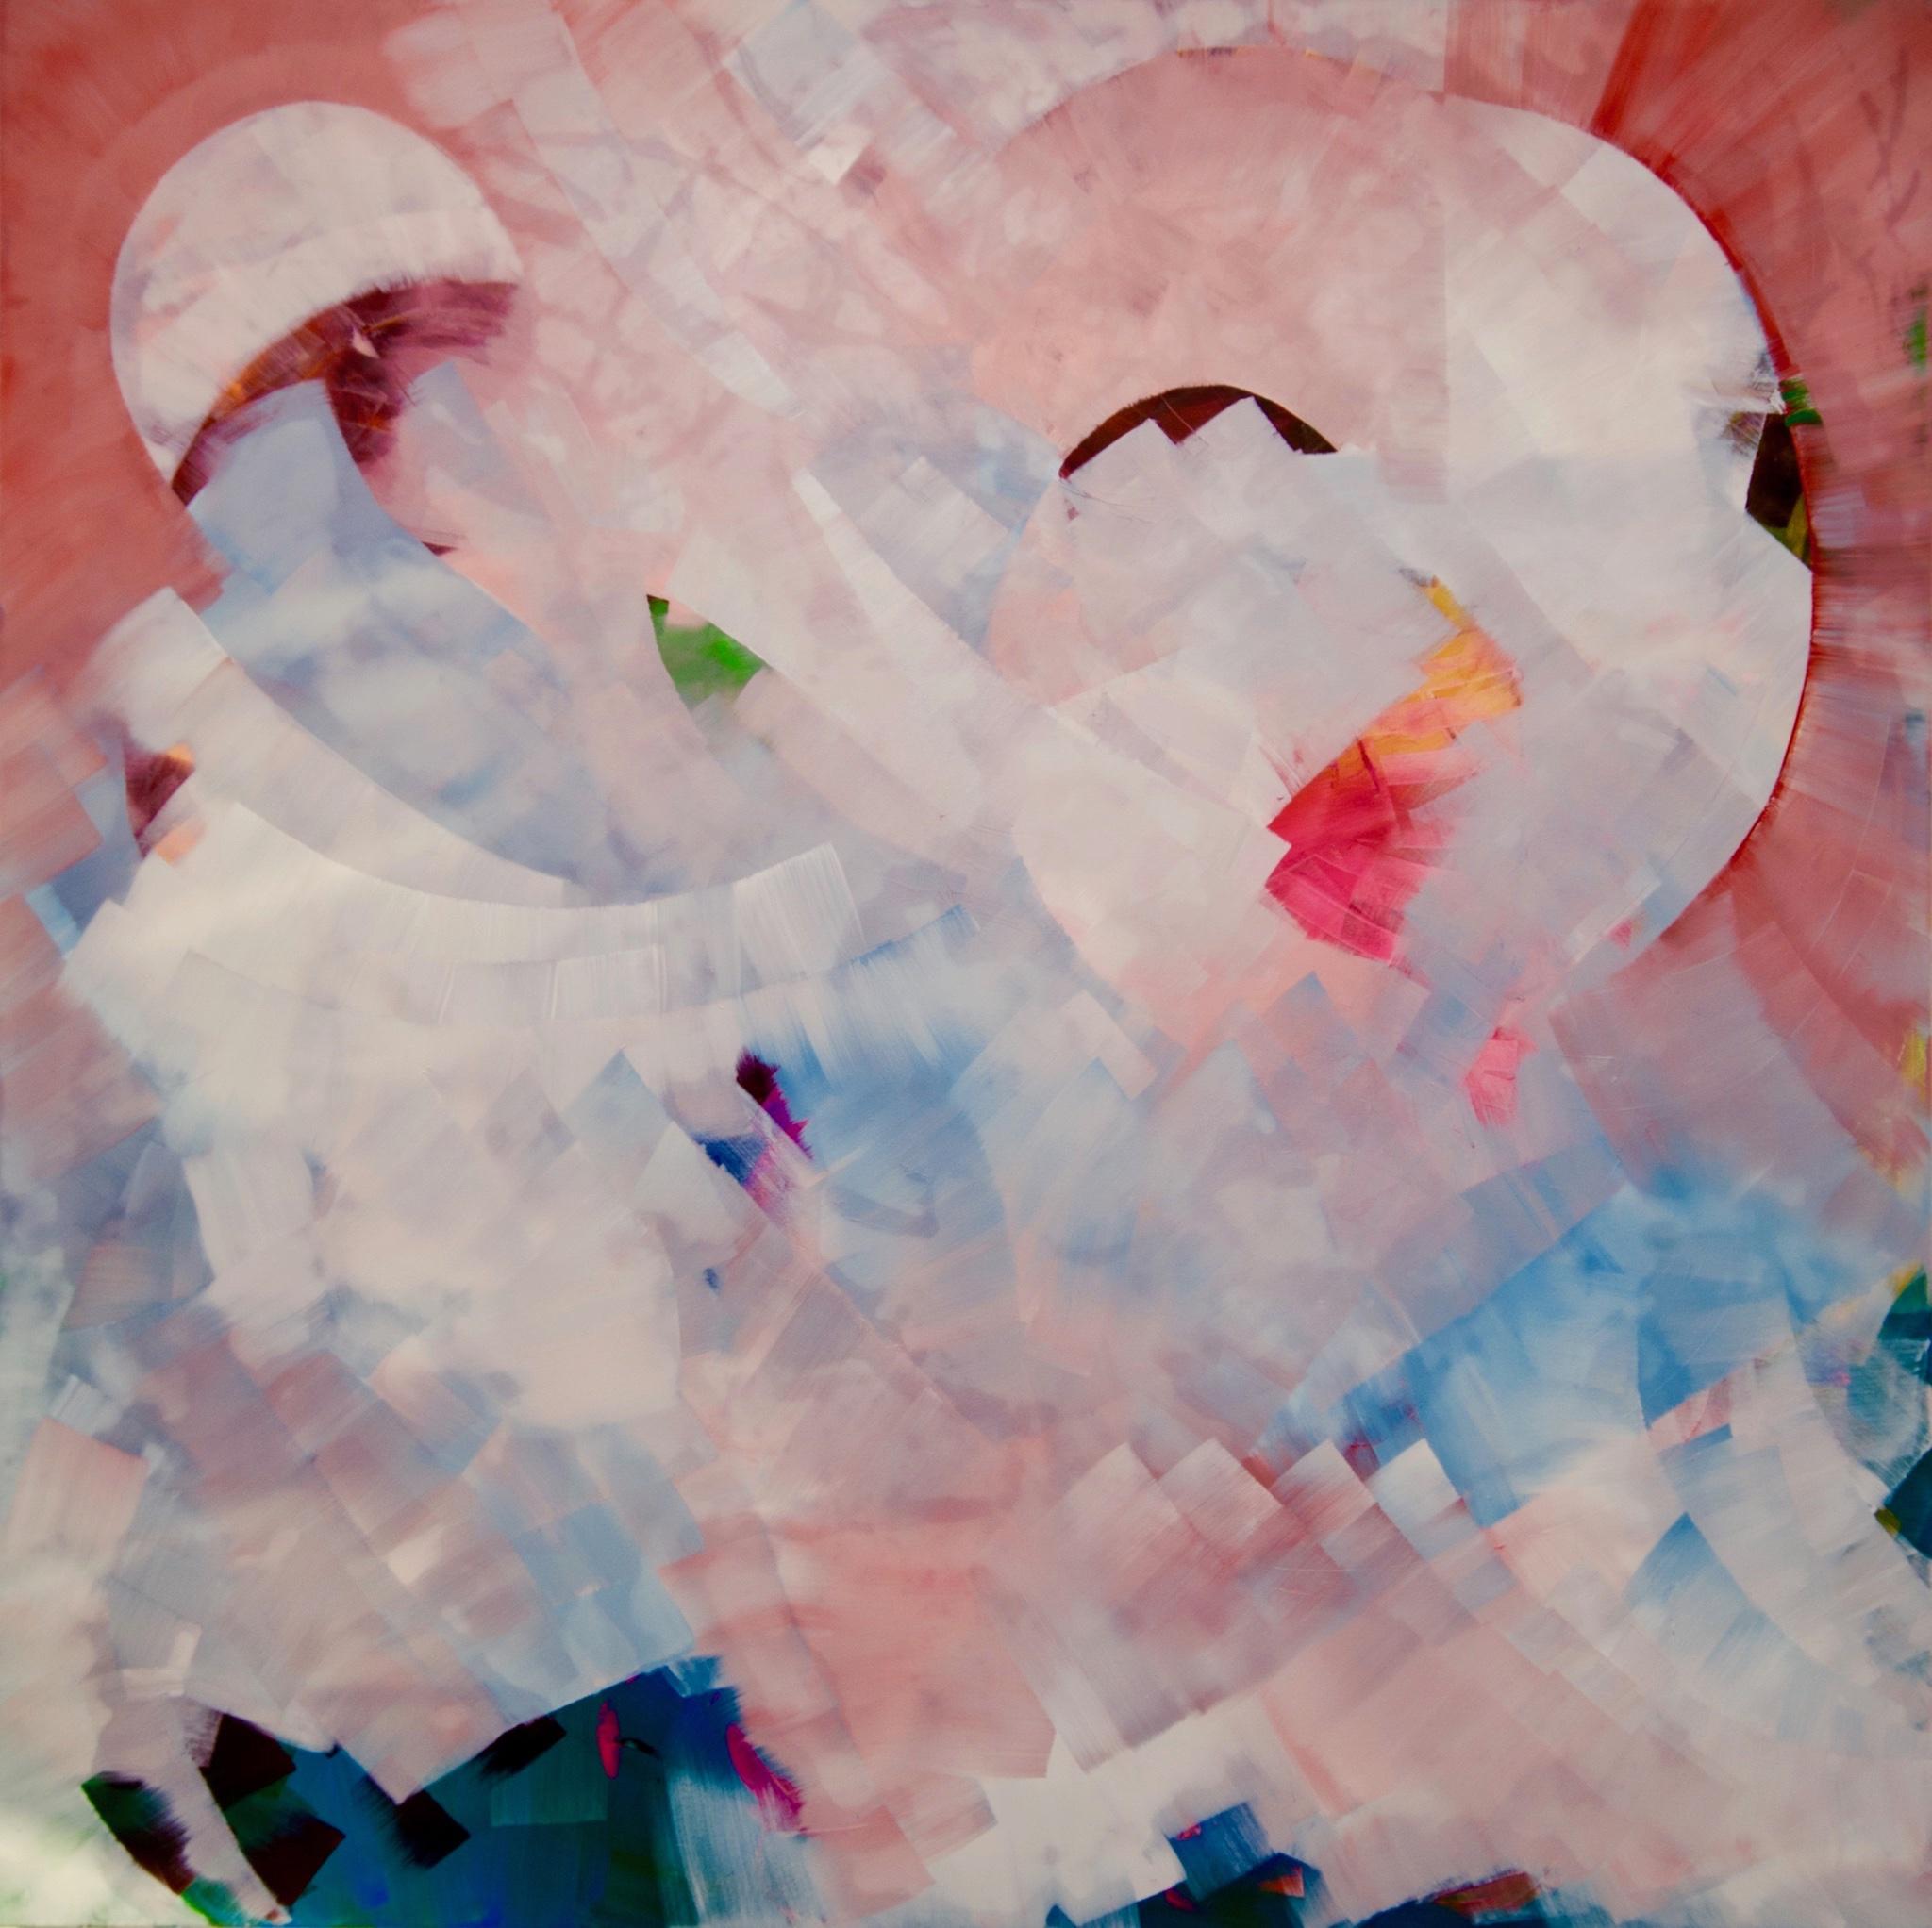 200 x 200 cm, oil and acrylic on canvas